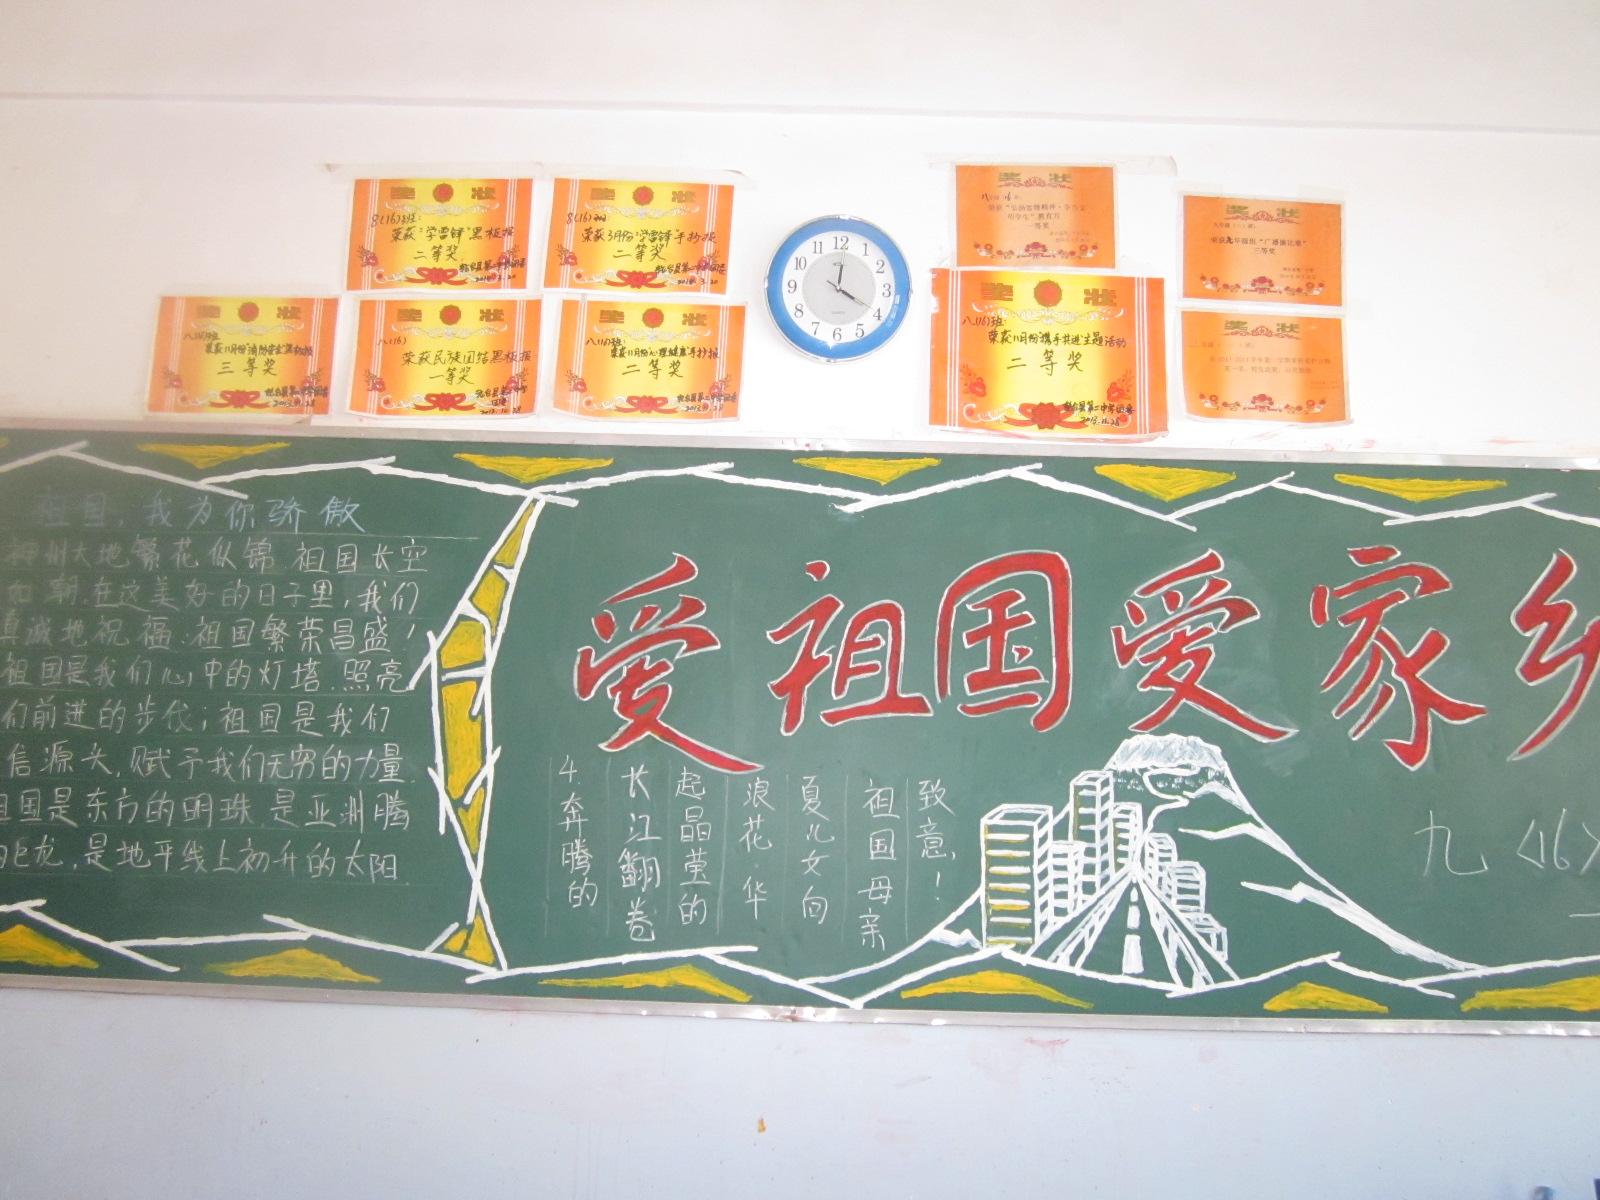 轮台县第二中学开展纪念12.9爱国主义黑板报比赛图片